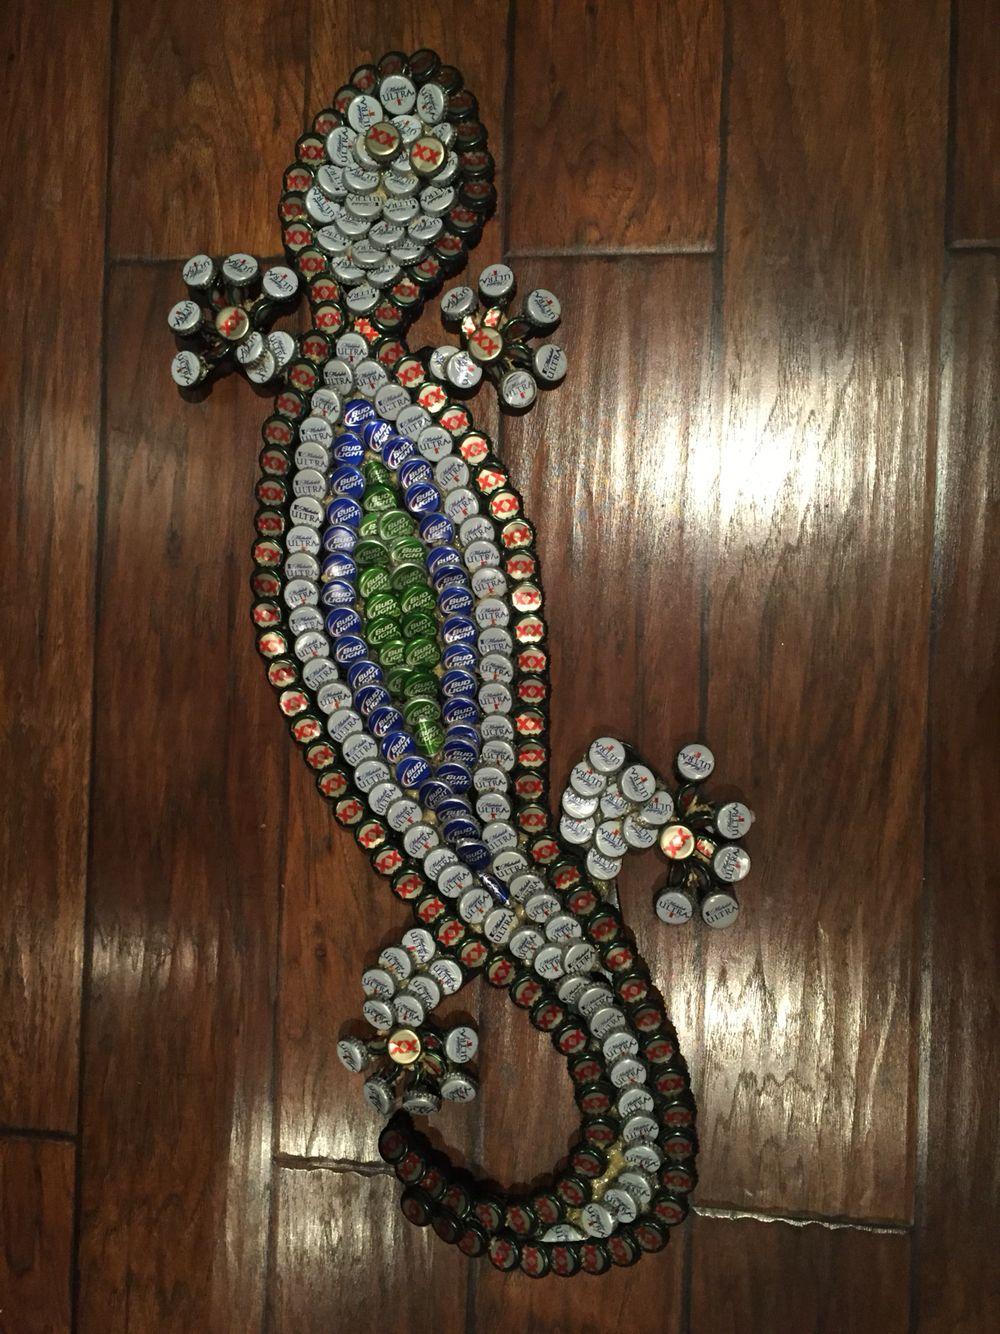 Bottlecap Lizard This Is My First Bottlecap Creation I